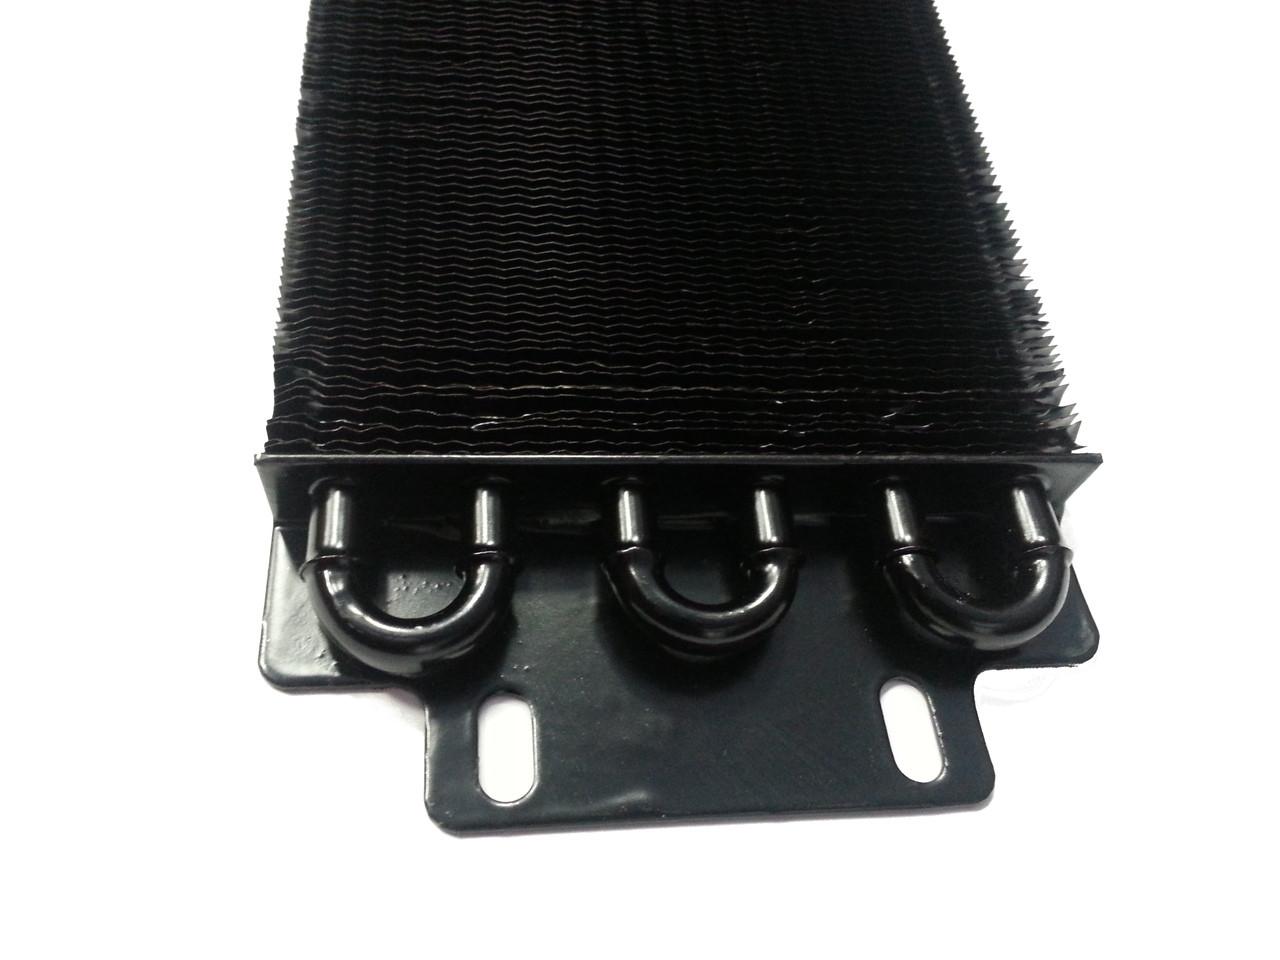 Fuel Cooler 87598494 89511010 for Case//IH Backhoe 580 590  Made in USA 21463